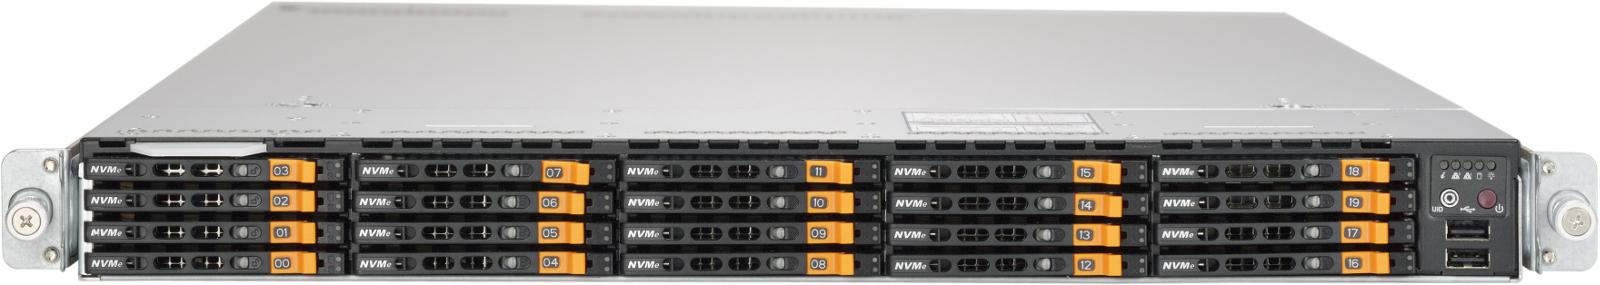 NVMe Storage